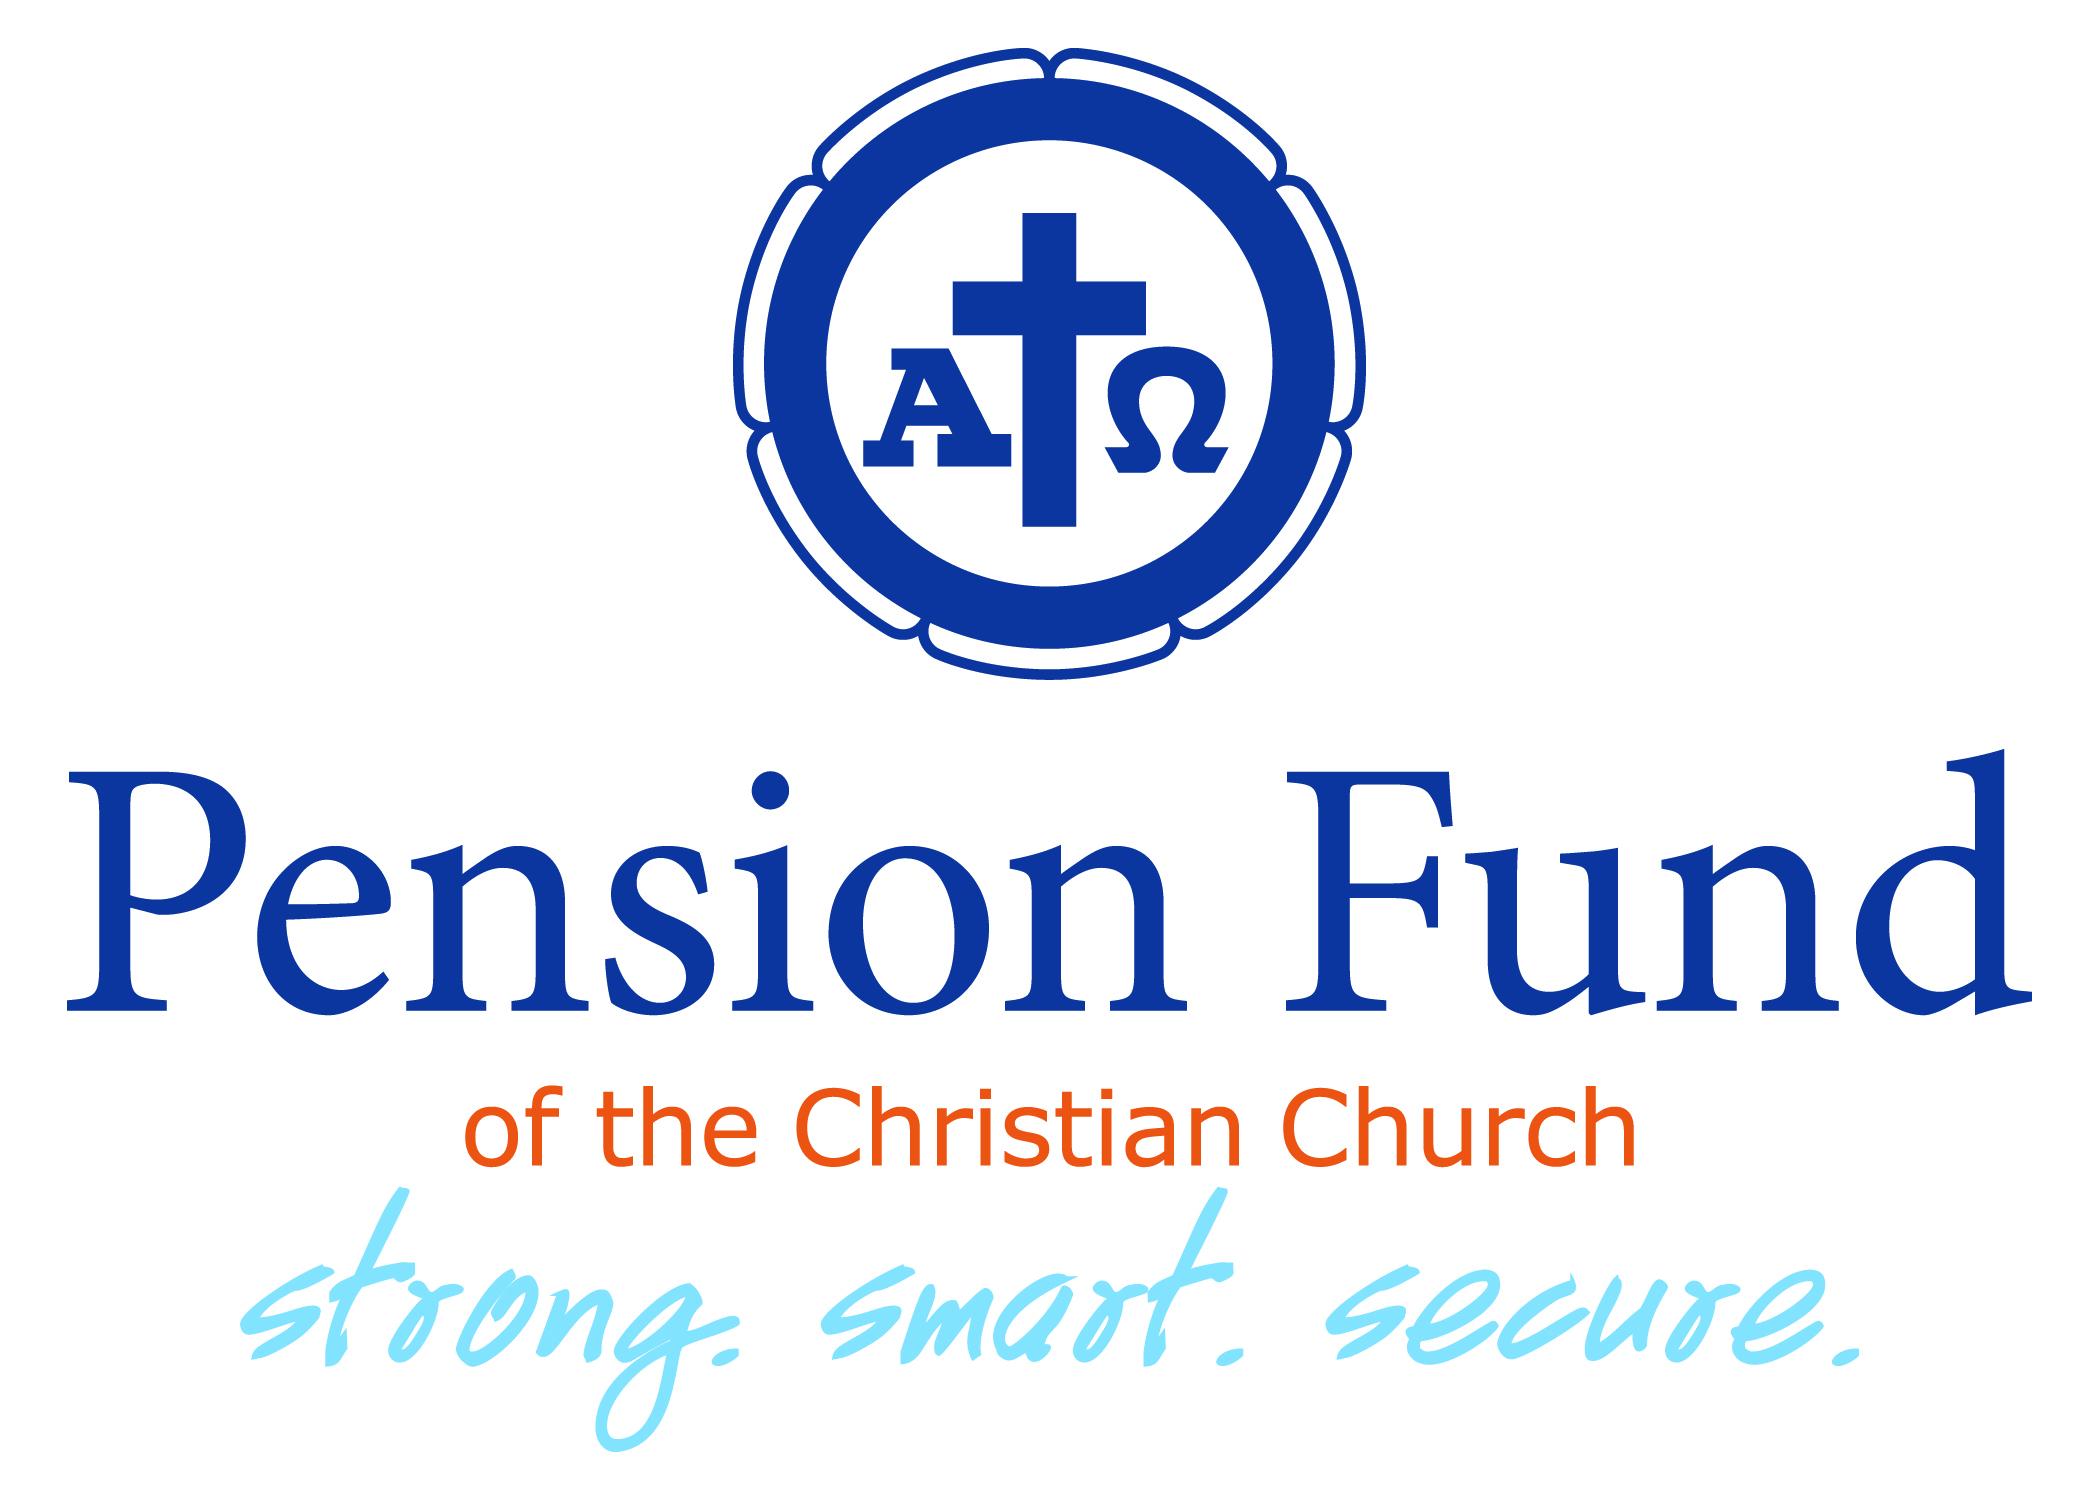 Pension Fund logo